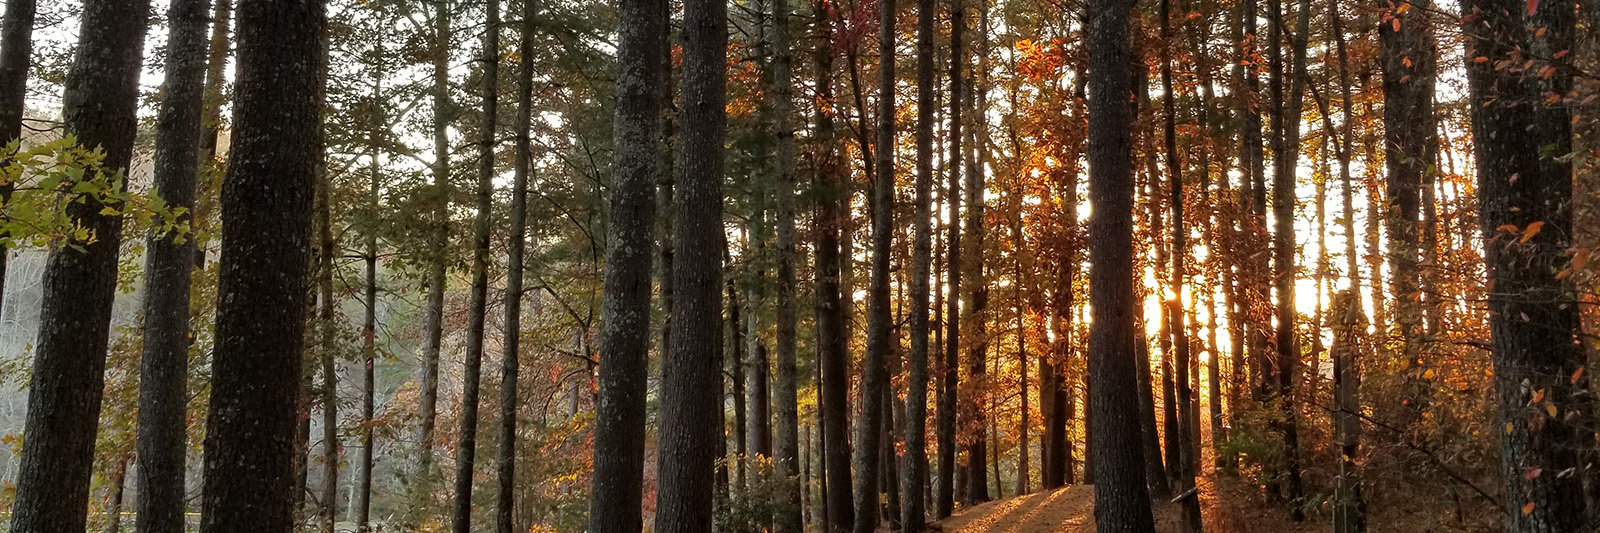 FallTrees_Banner.jpg